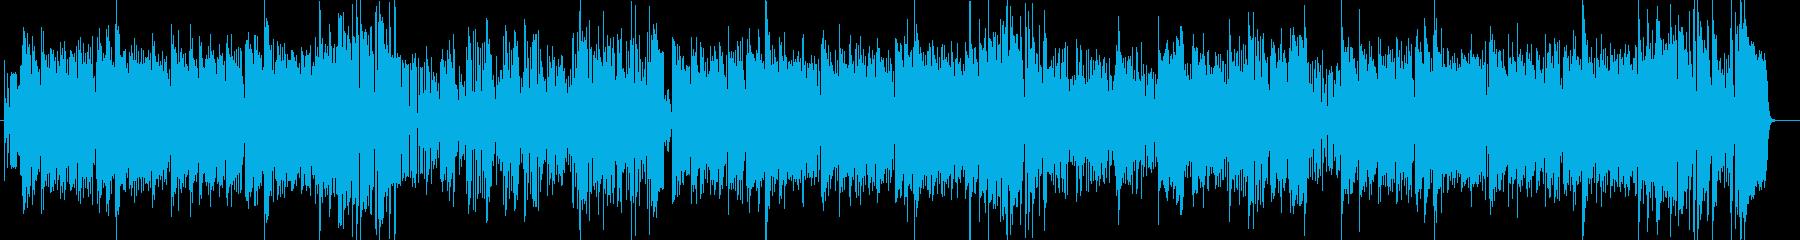 軽快なモダンジャズ ハードバップ系の再生済みの波形